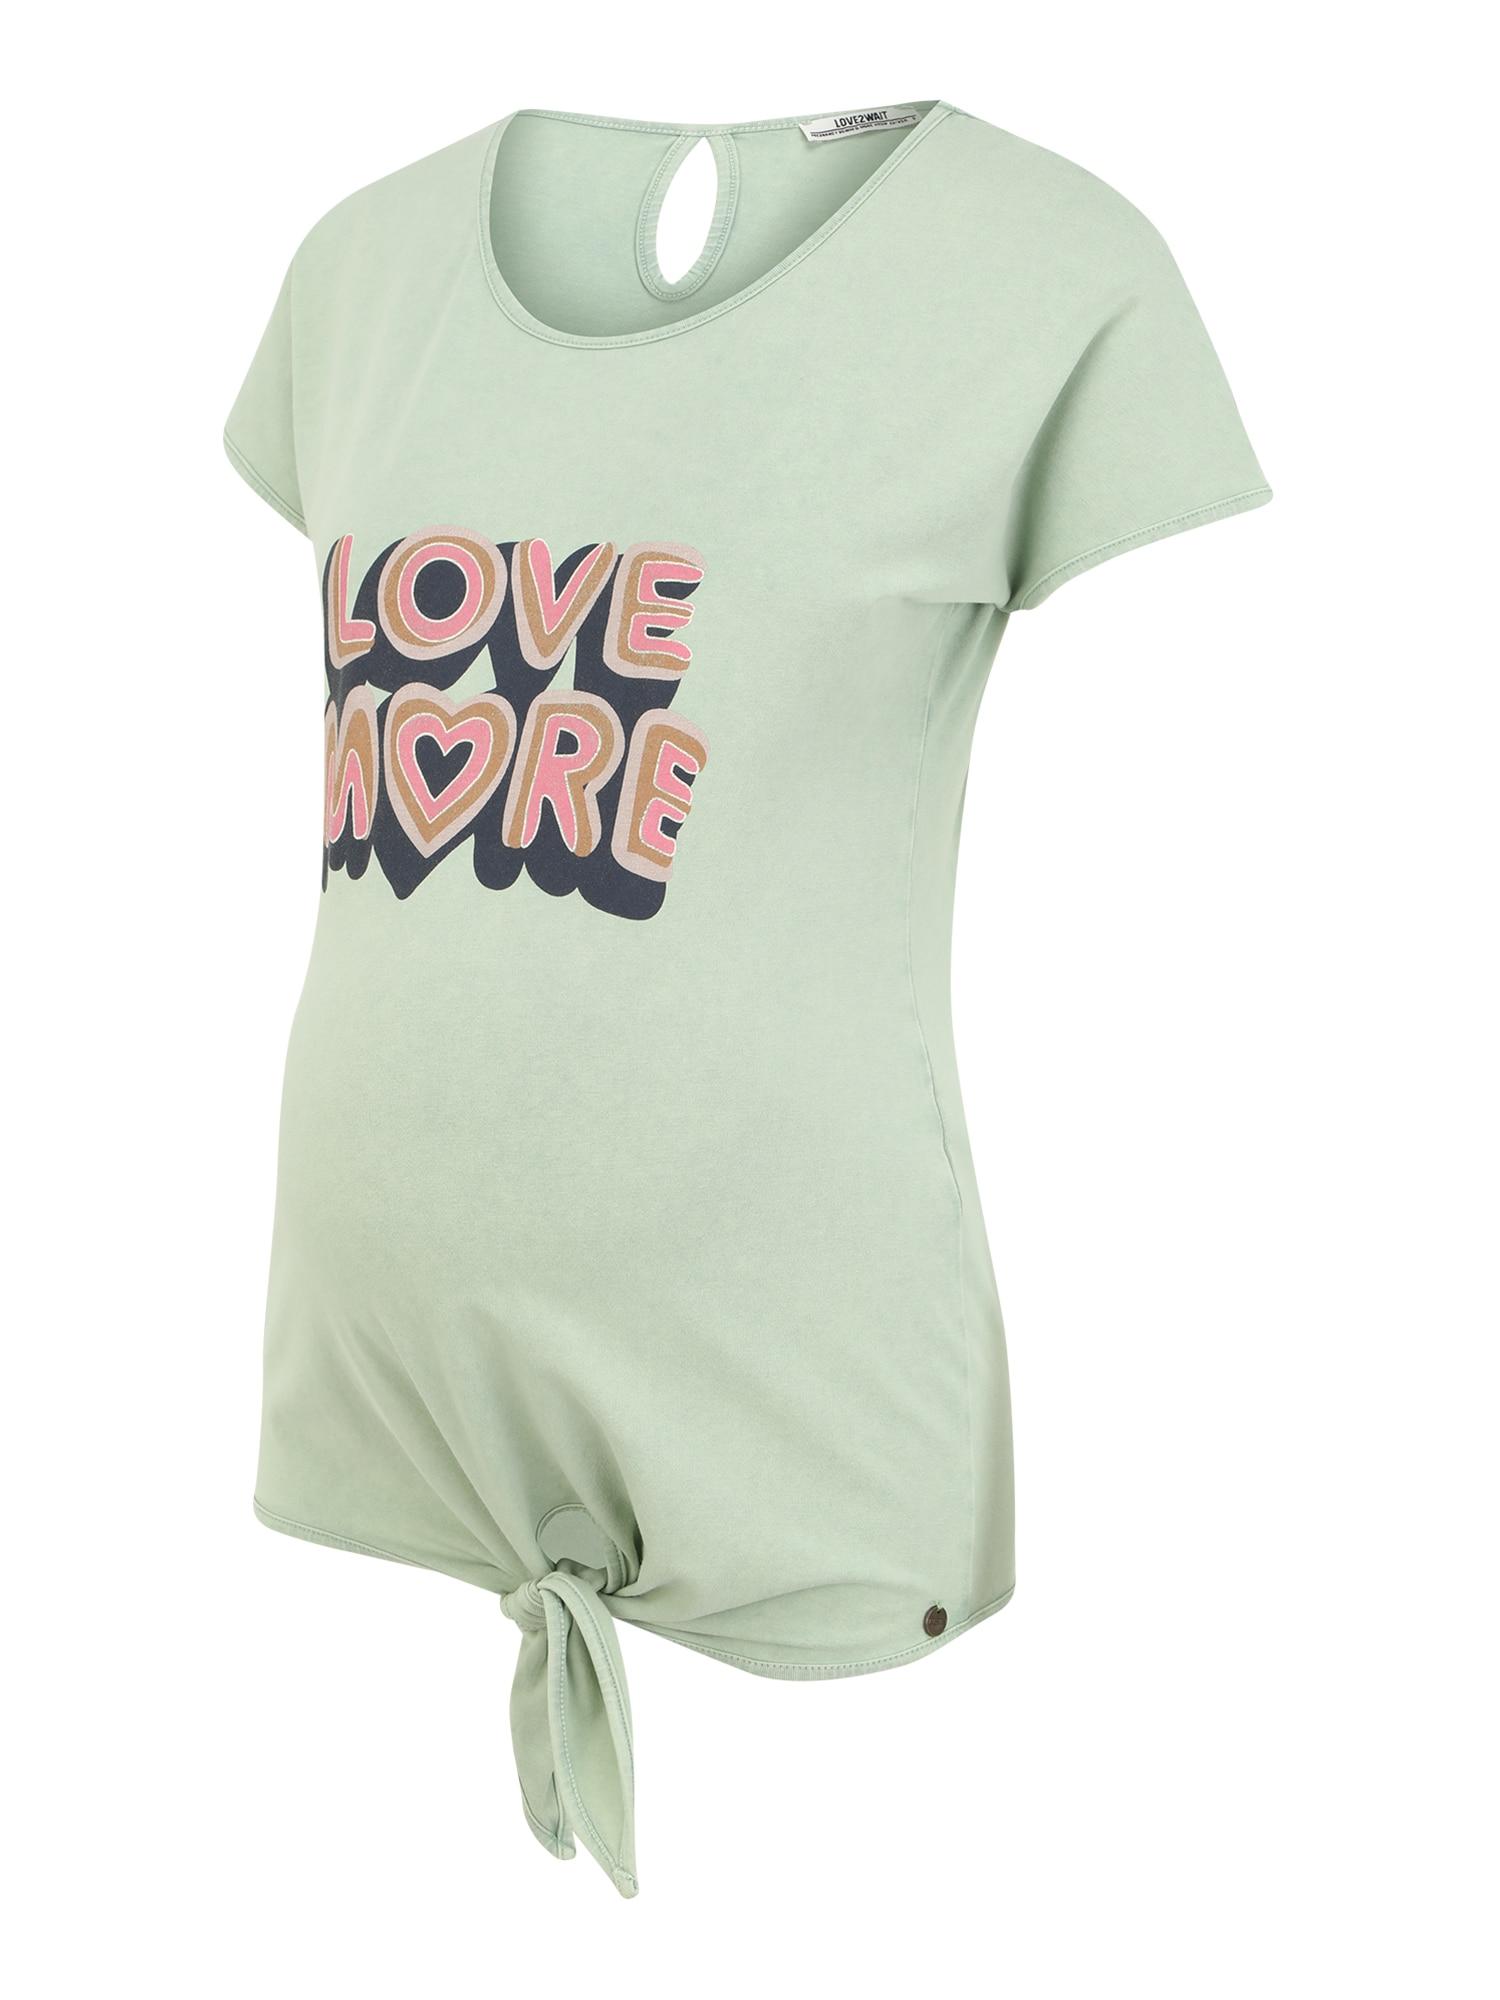 LOVE2WAIT Marškinėliai mėtų spalva / mišrios spalvos